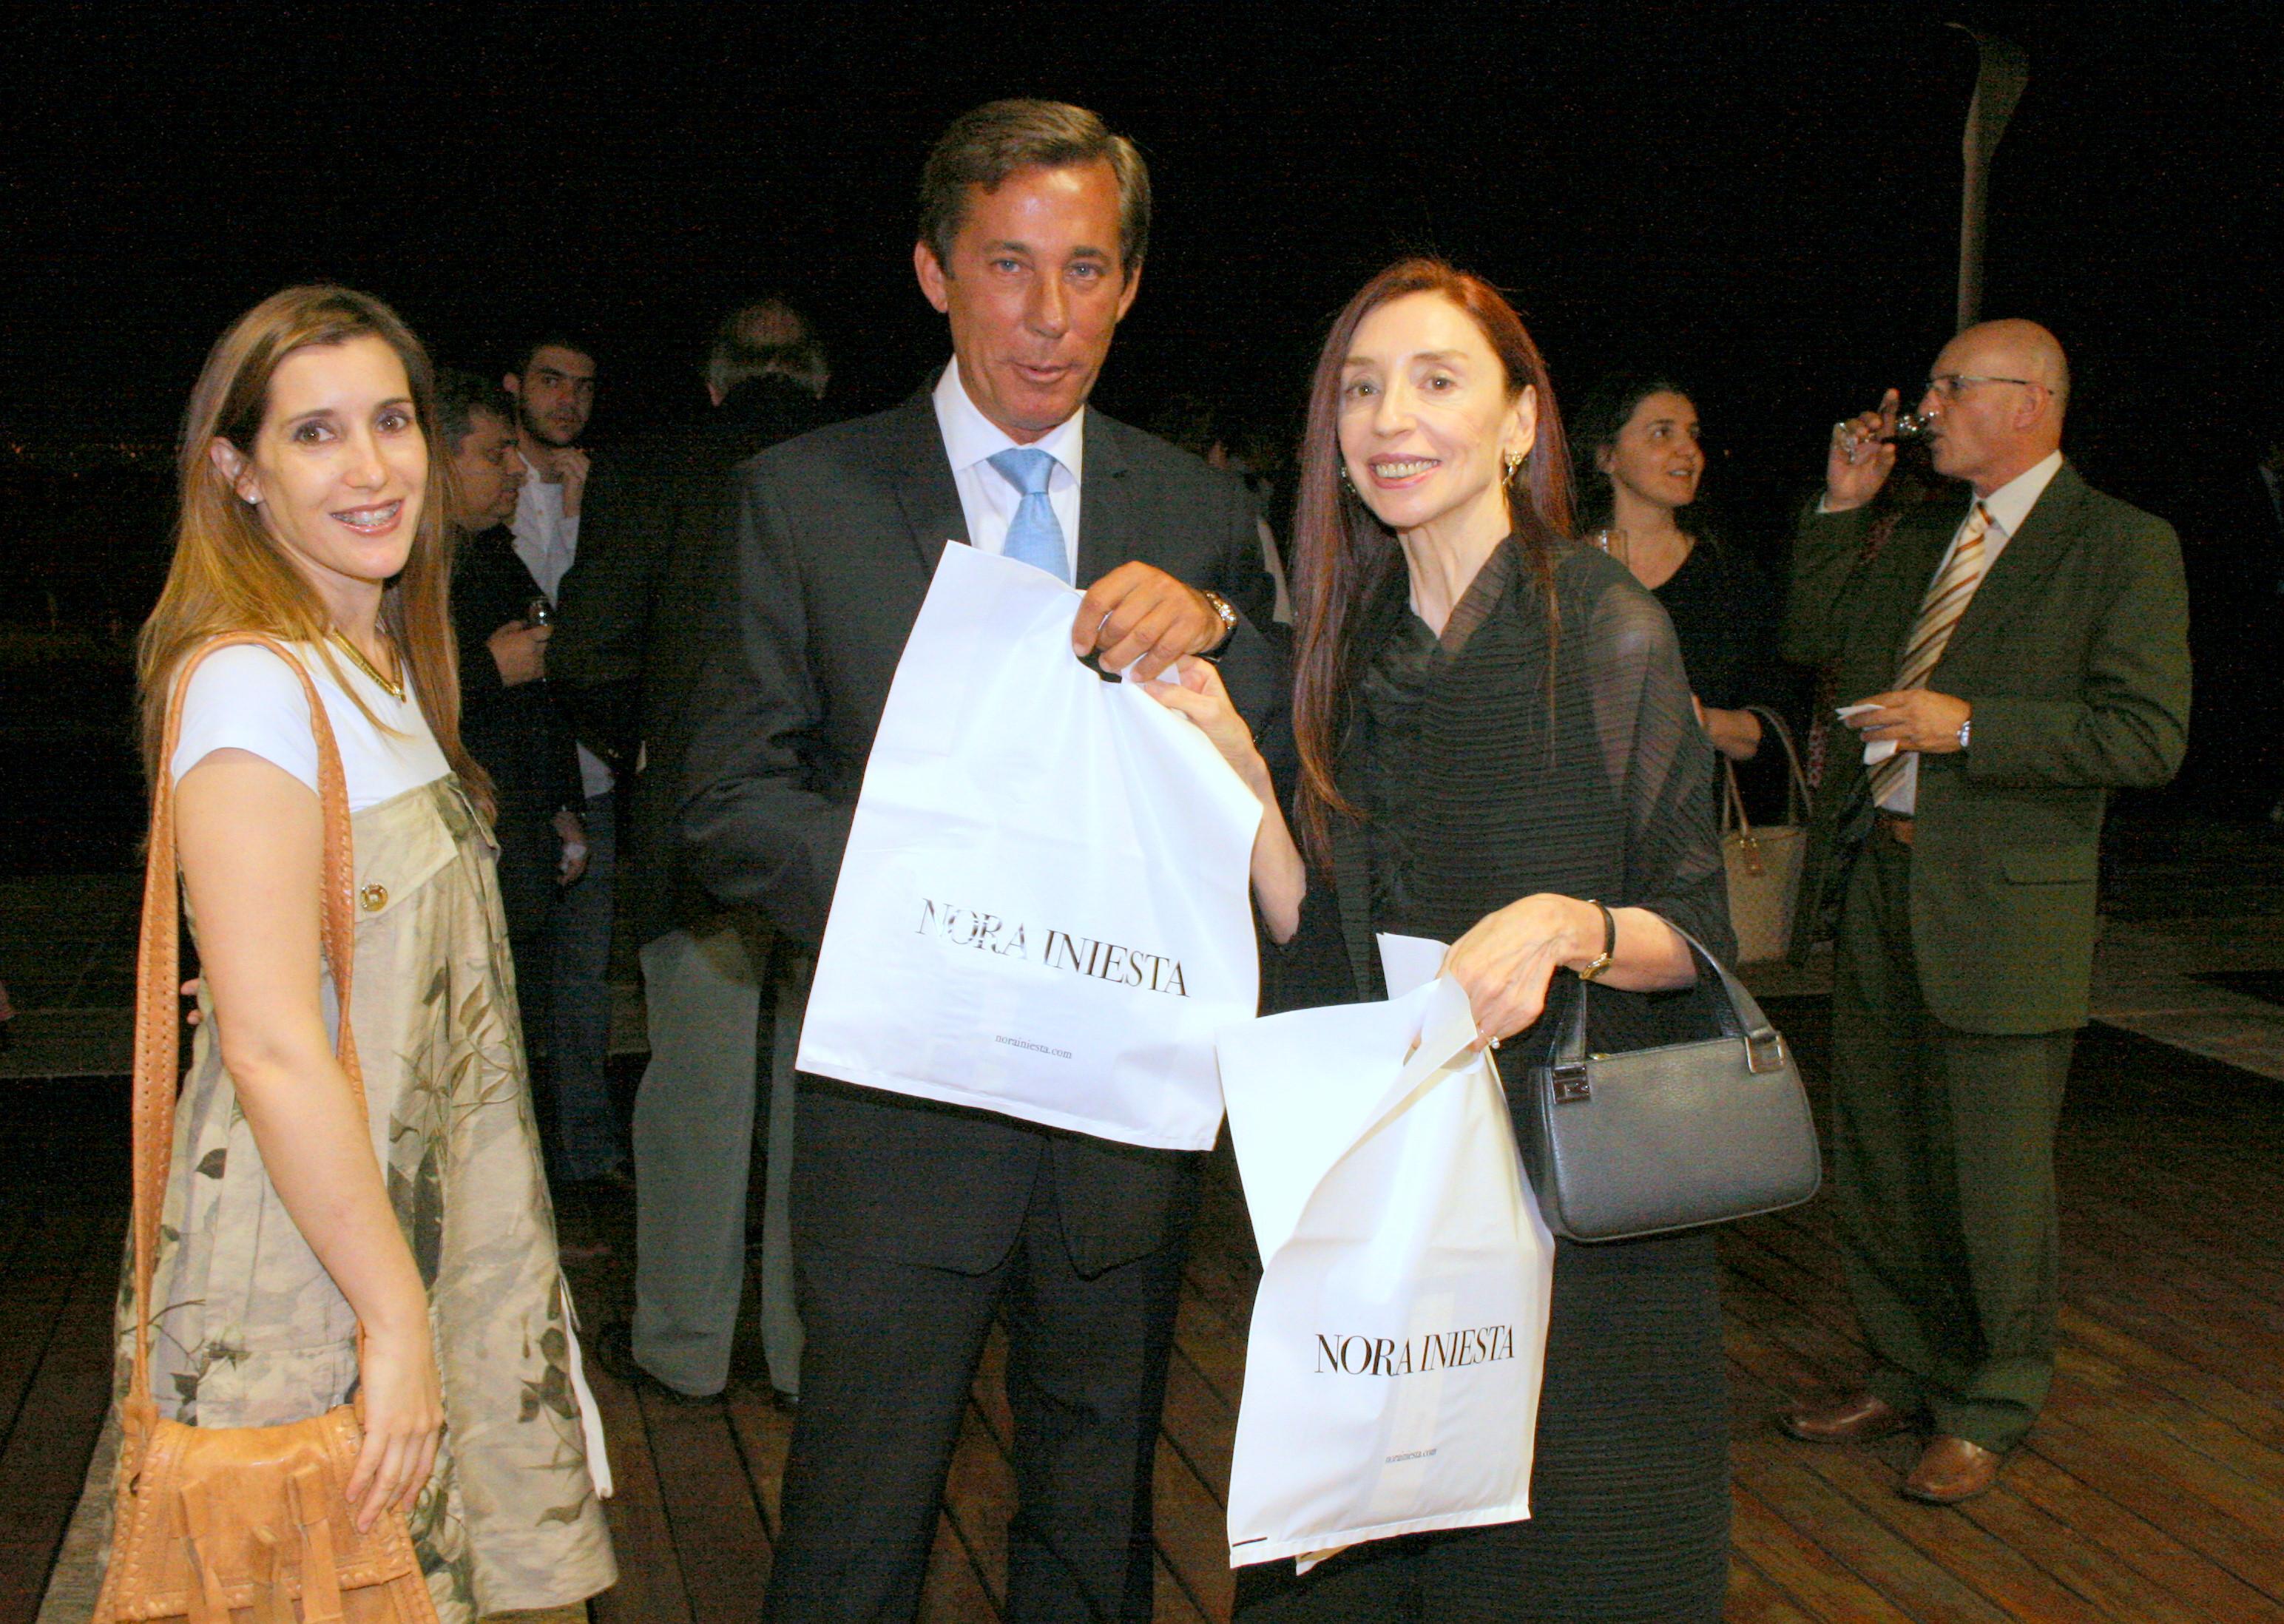 CELESTE Y BLANCO (LA PATRIA ENCONTRADA) - Embajador Luis María Kreckler y Nora Iniesta -  Brasilia 2012